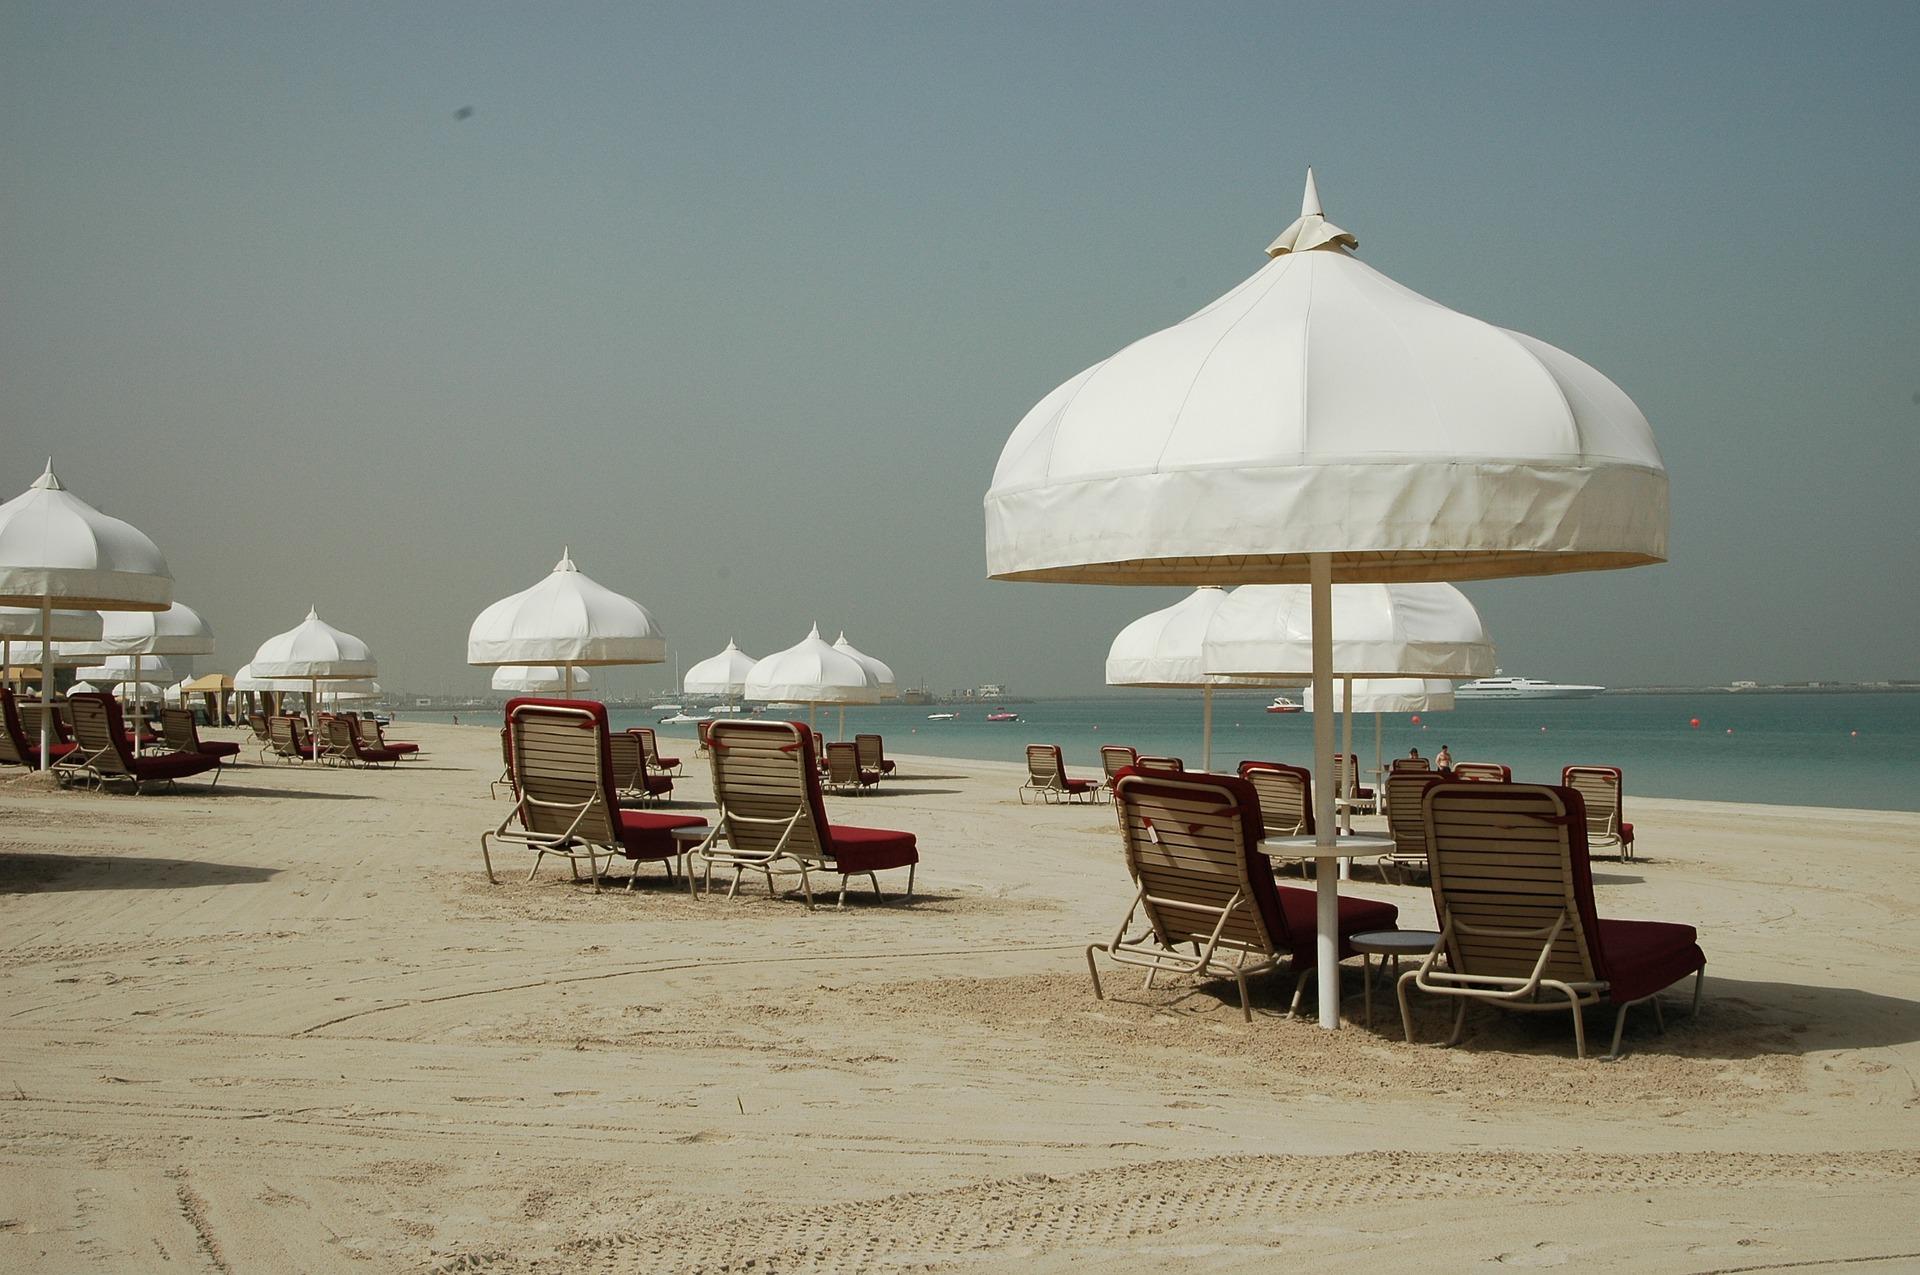 Typischer Strandabschnitt in Sharjah Dubai